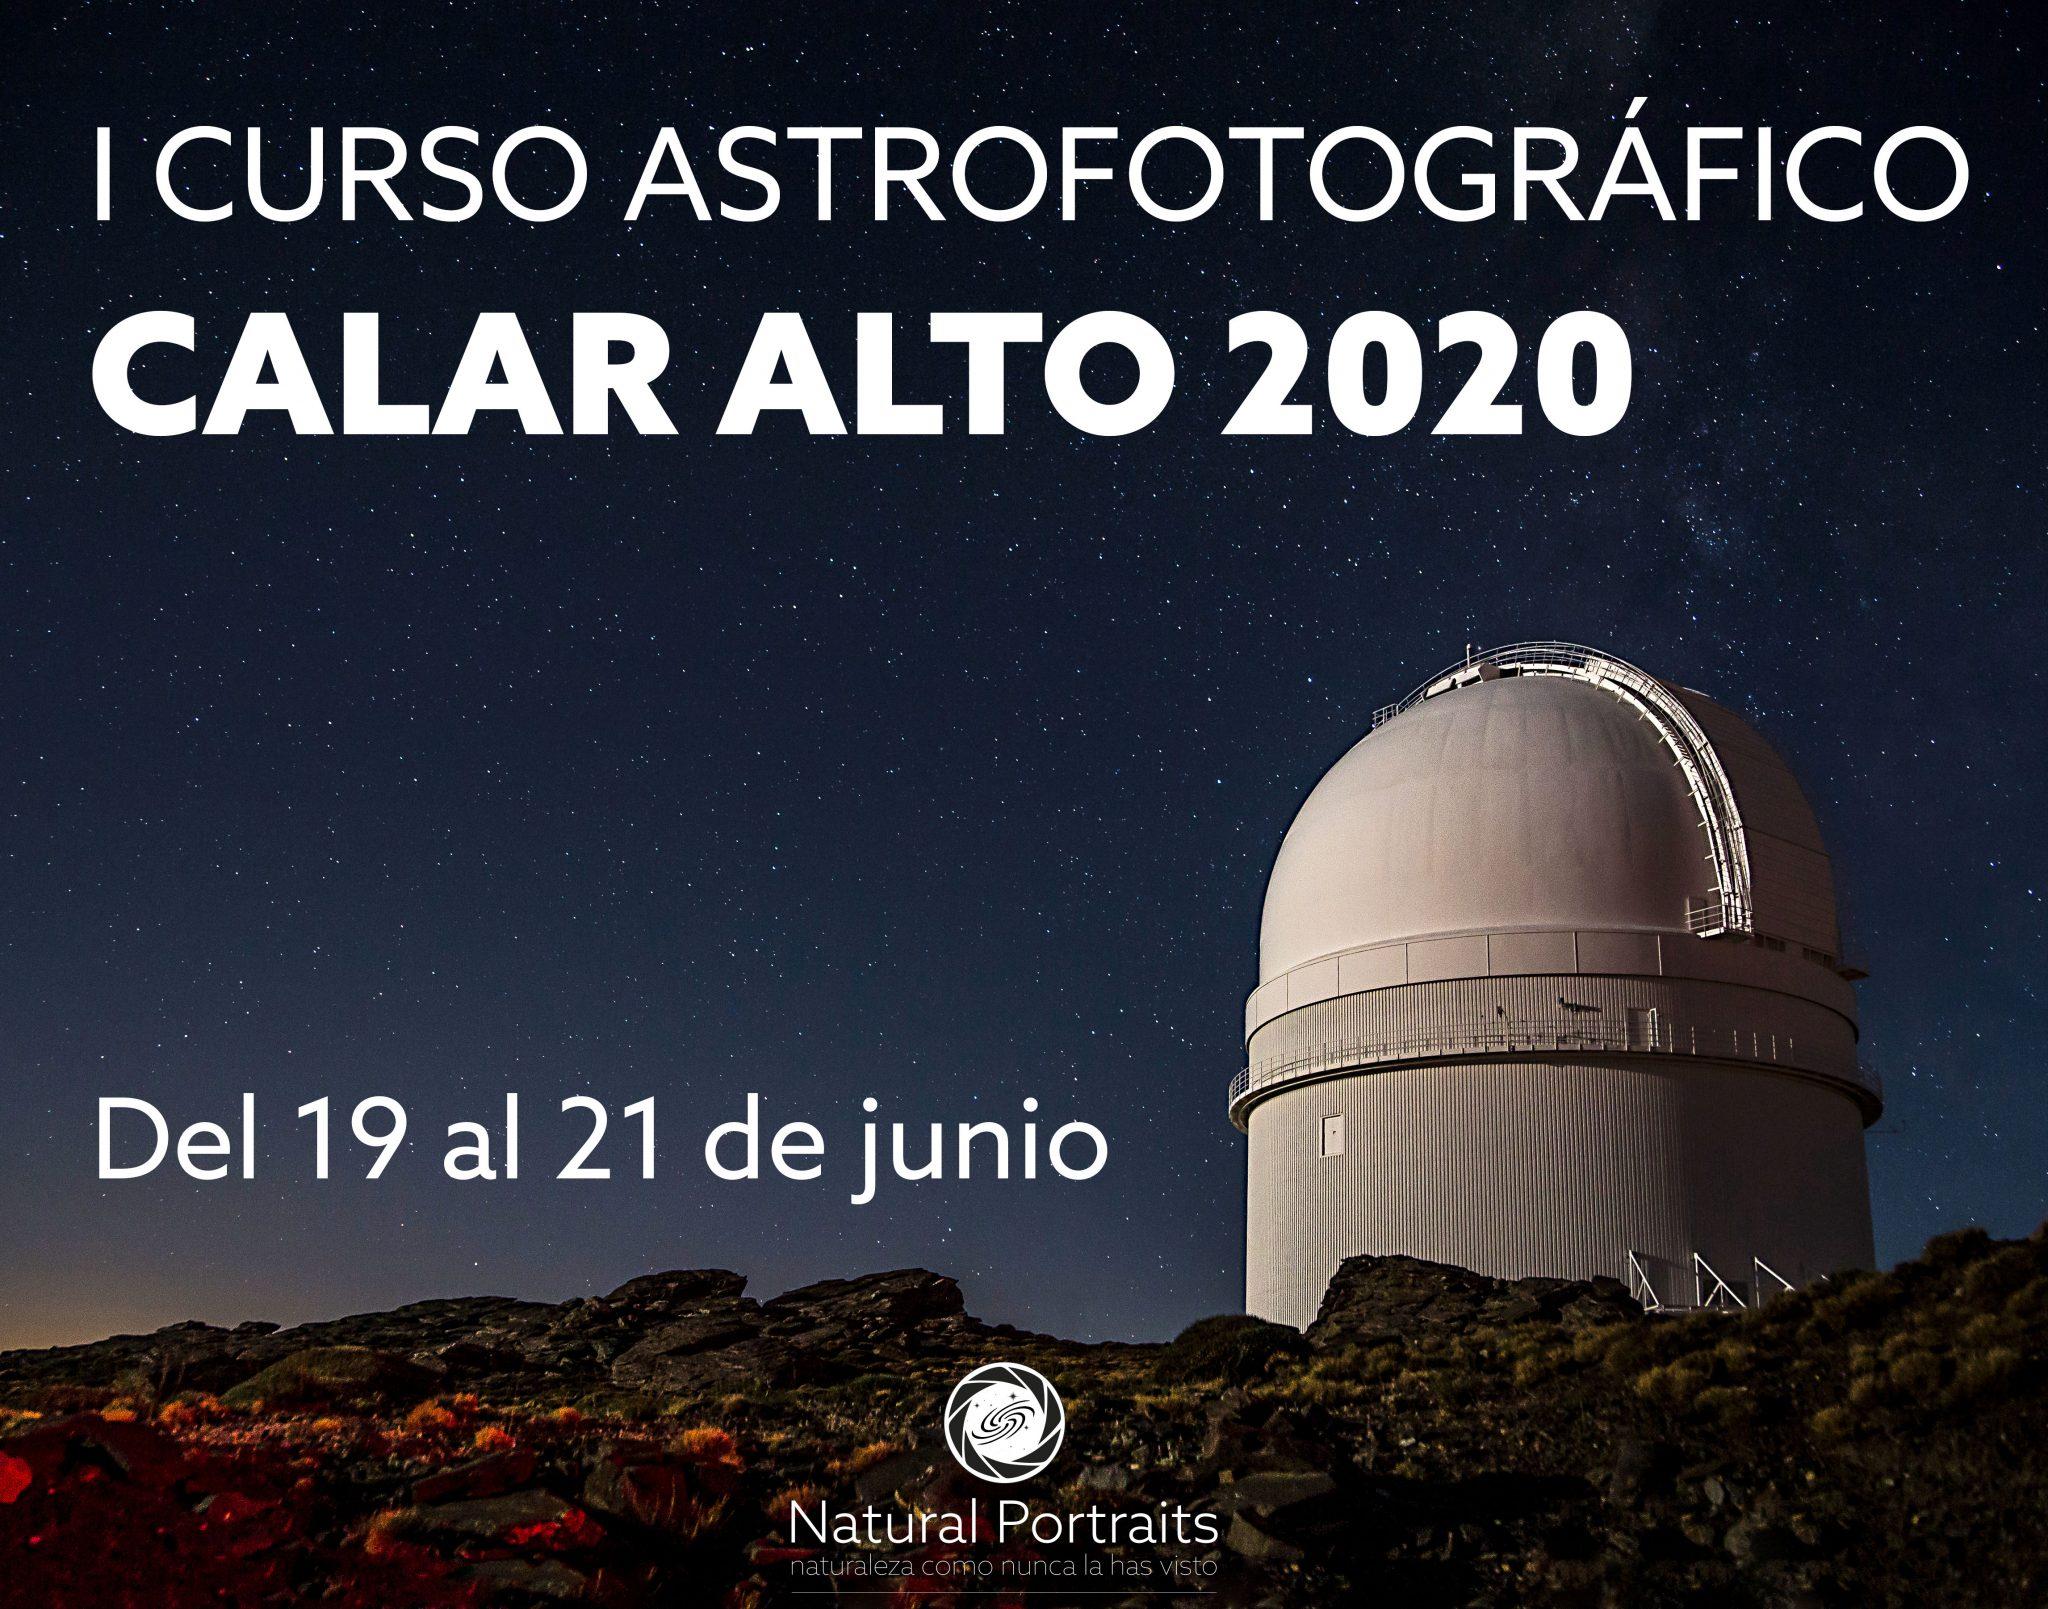 I Curso Astrofotográfico Calar Alto 2020